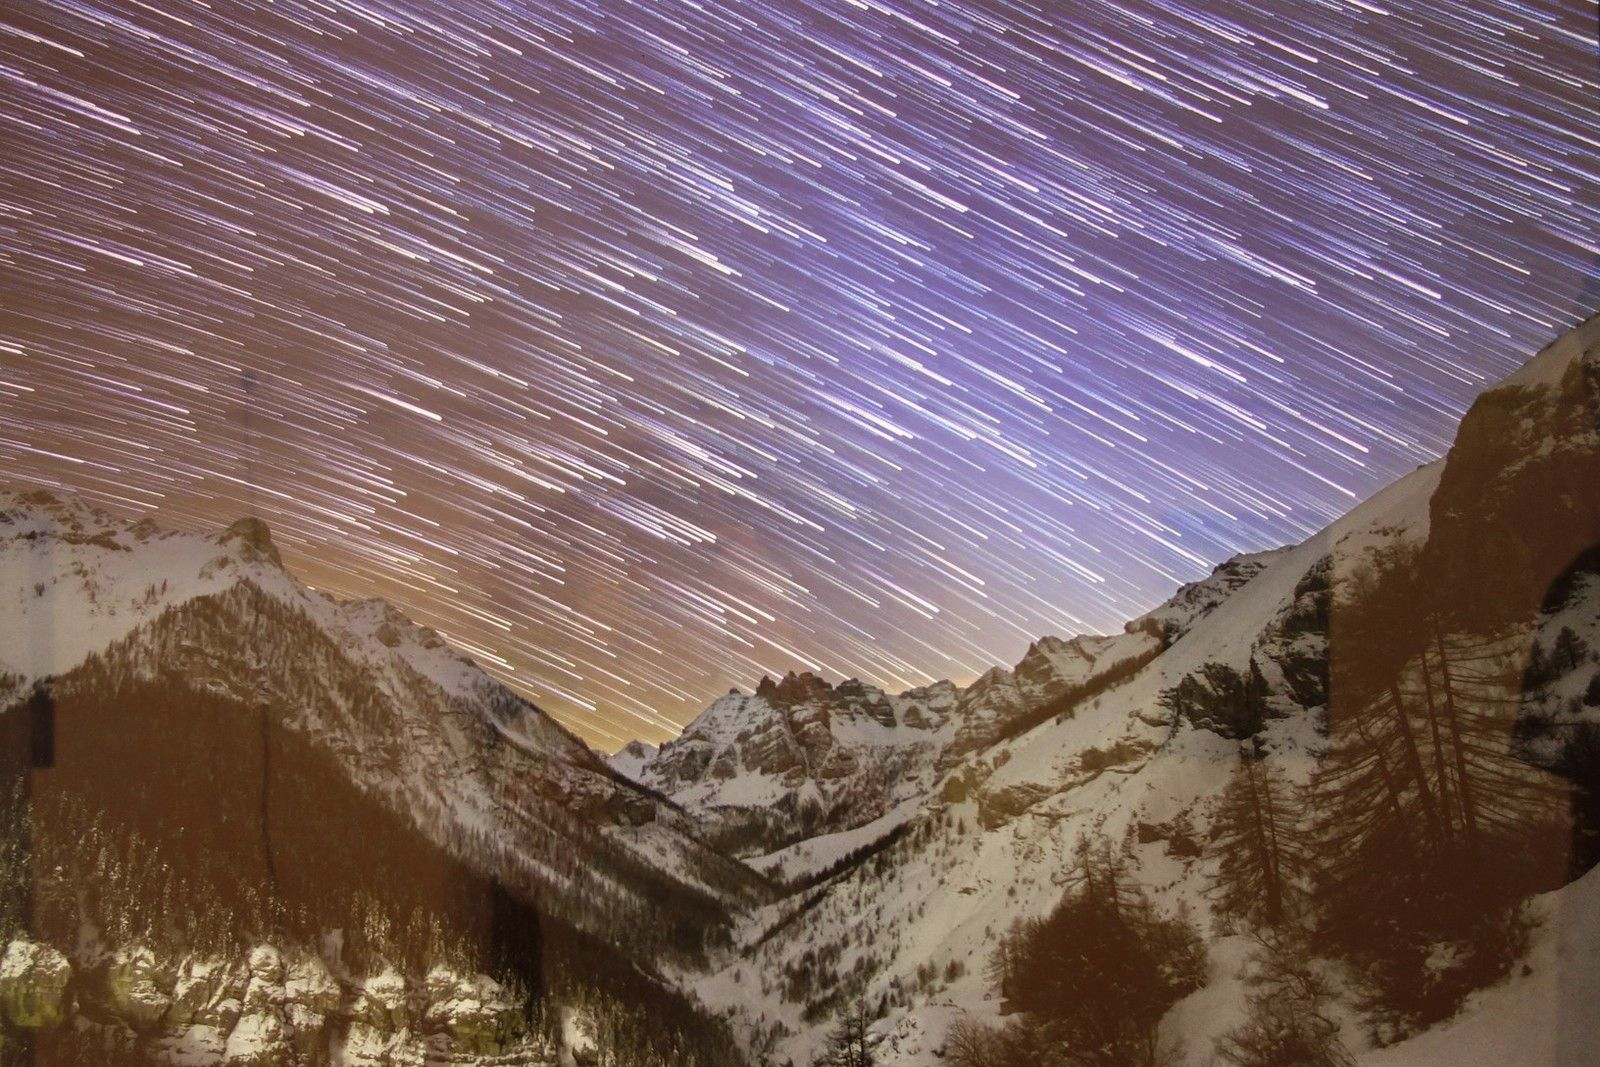 Et vous y découvrirez une exposition de photos de ciel étoilé du Mercantour d'un spécialiste de la discipline : Anthony Turpaud. Bonne été à tous.